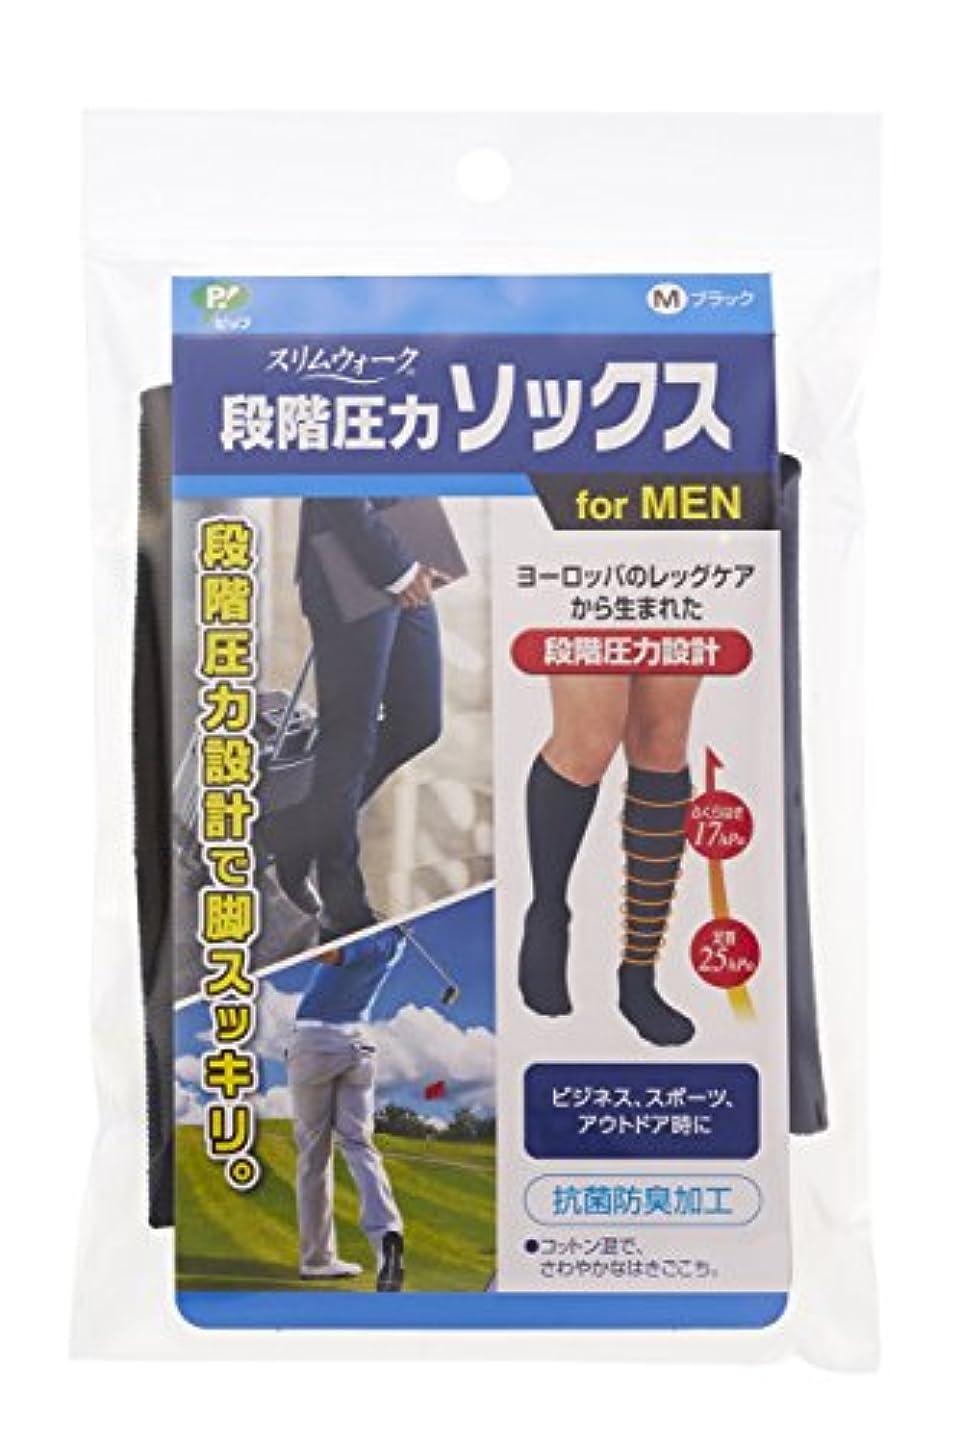 血恥詳細にピップ スリムウォーク 段階圧力 ソックス ブラック M(SLIM WALK,socks for men,M) 着圧 ソックス